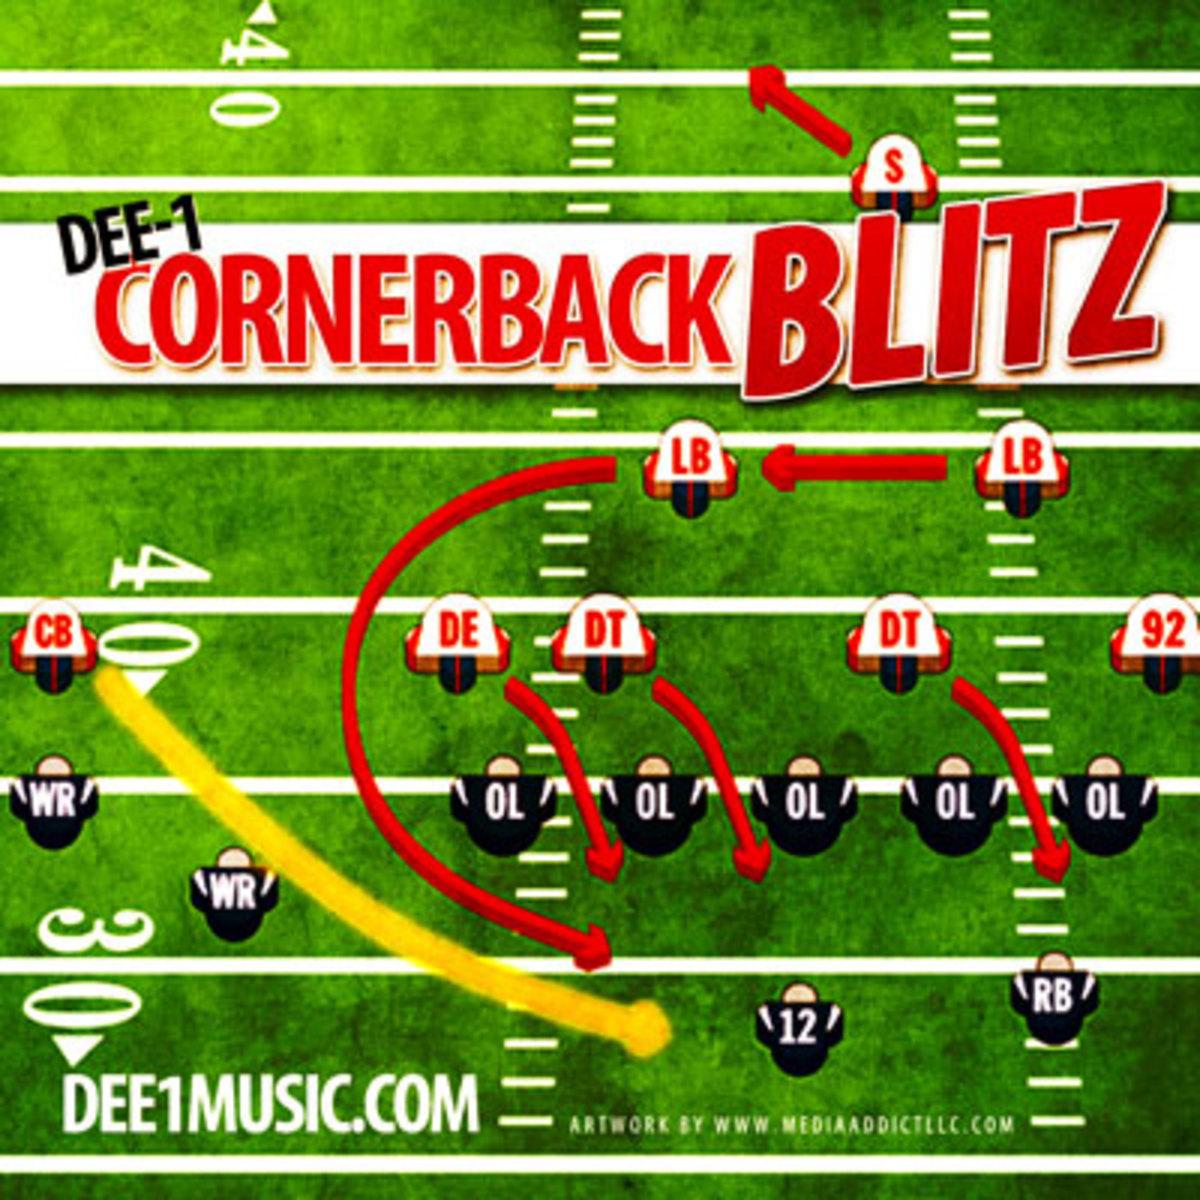 dee1-cornerbackblitz.jpg